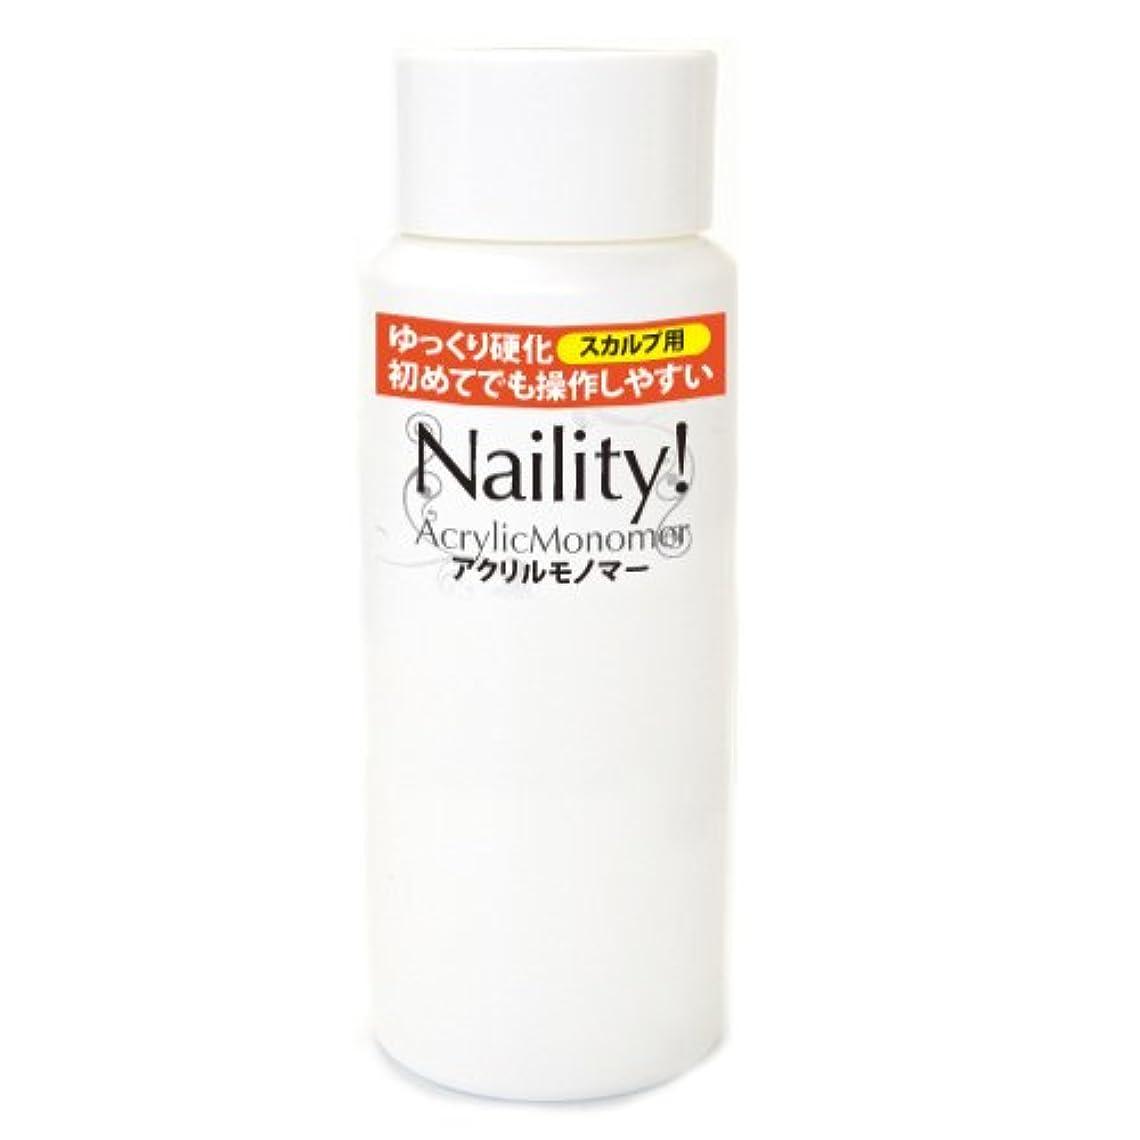 寄り添う空白反論Naility! アクリルモノマー 120mL